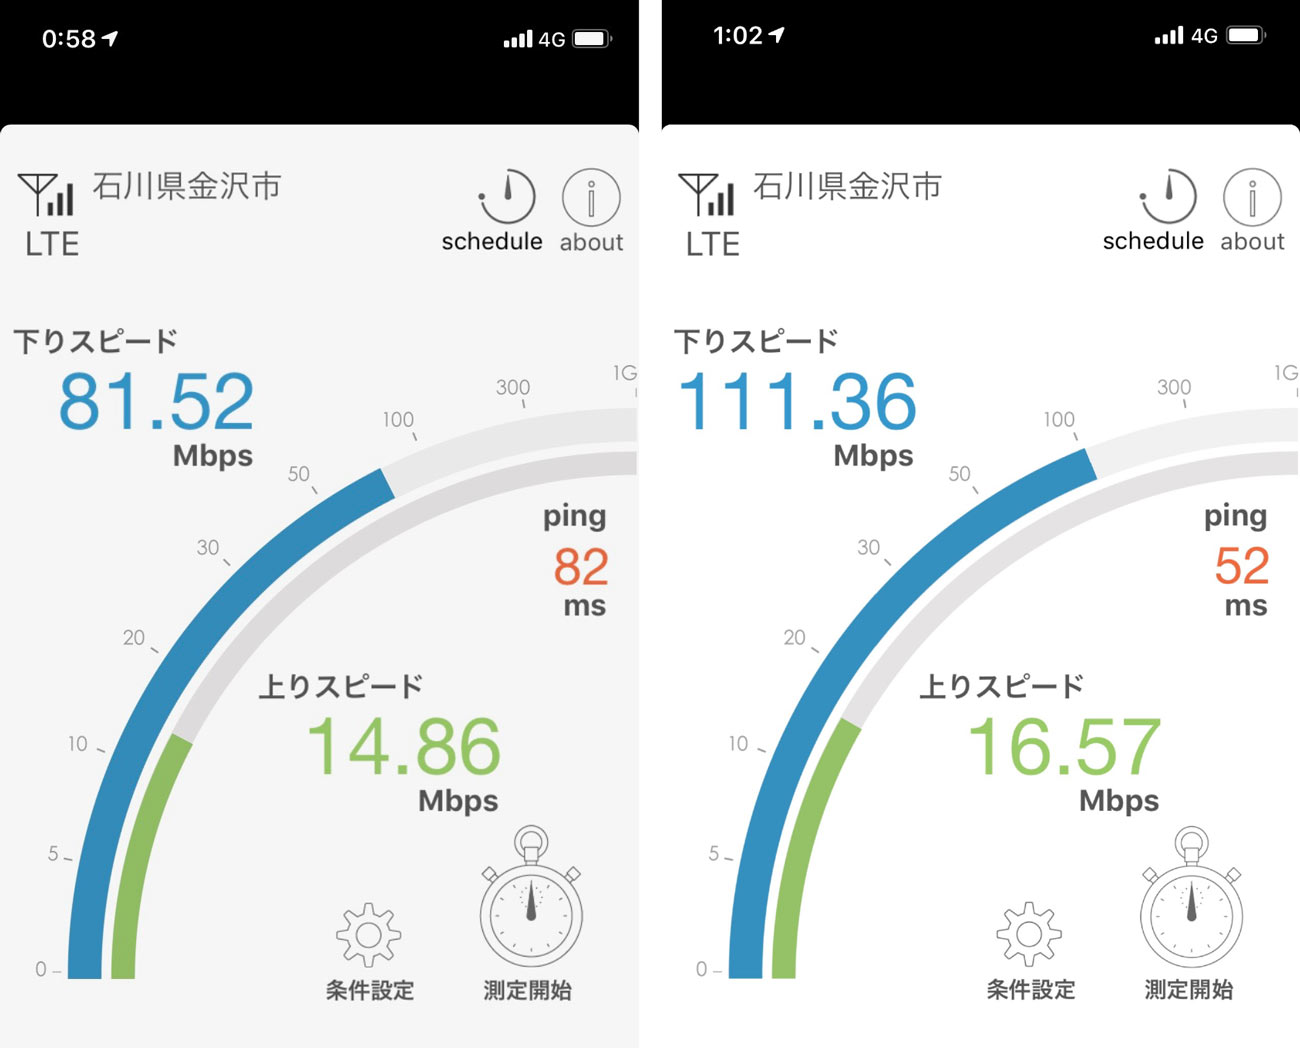 iPhone XRとiPhone XS Max LTE通信の速度の違い